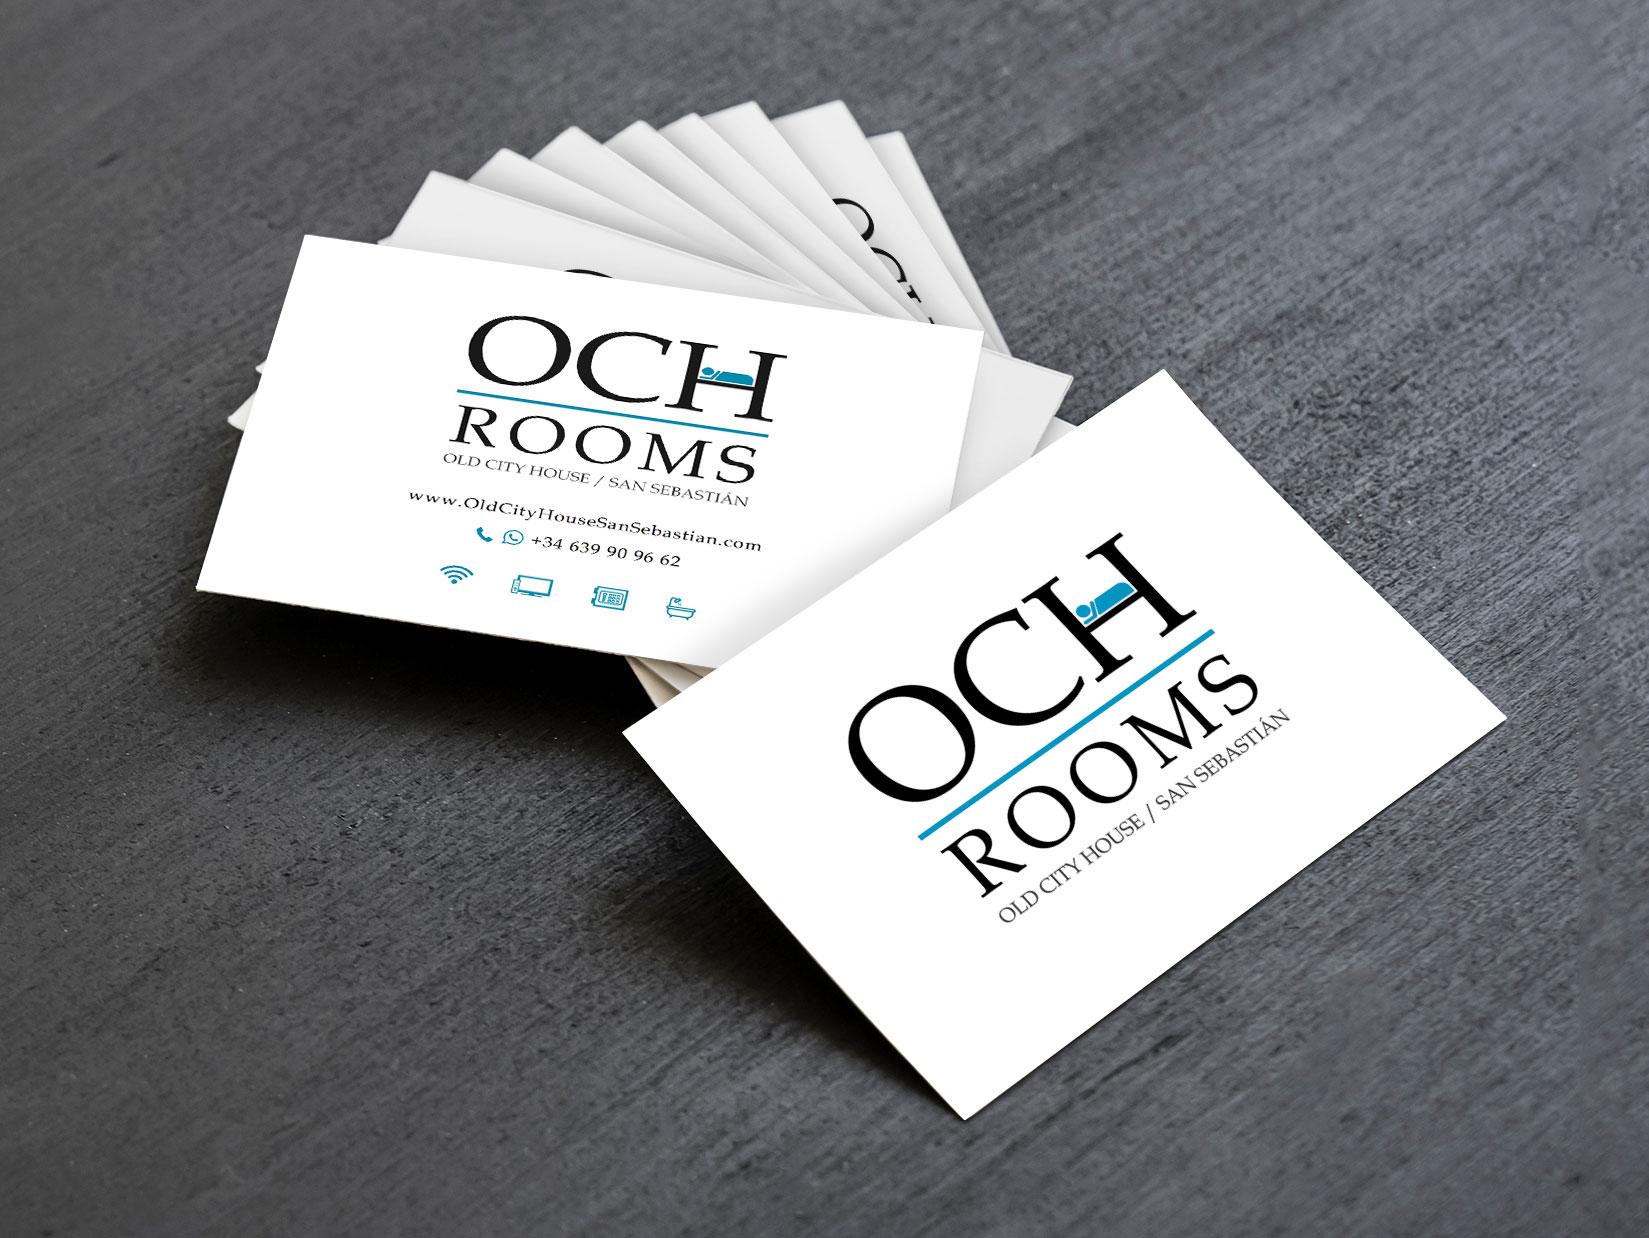 Diseño Logo: creación logotipo para OCH Rooms / Old City House San Sebastián. Impresión: placas en metacrilato.